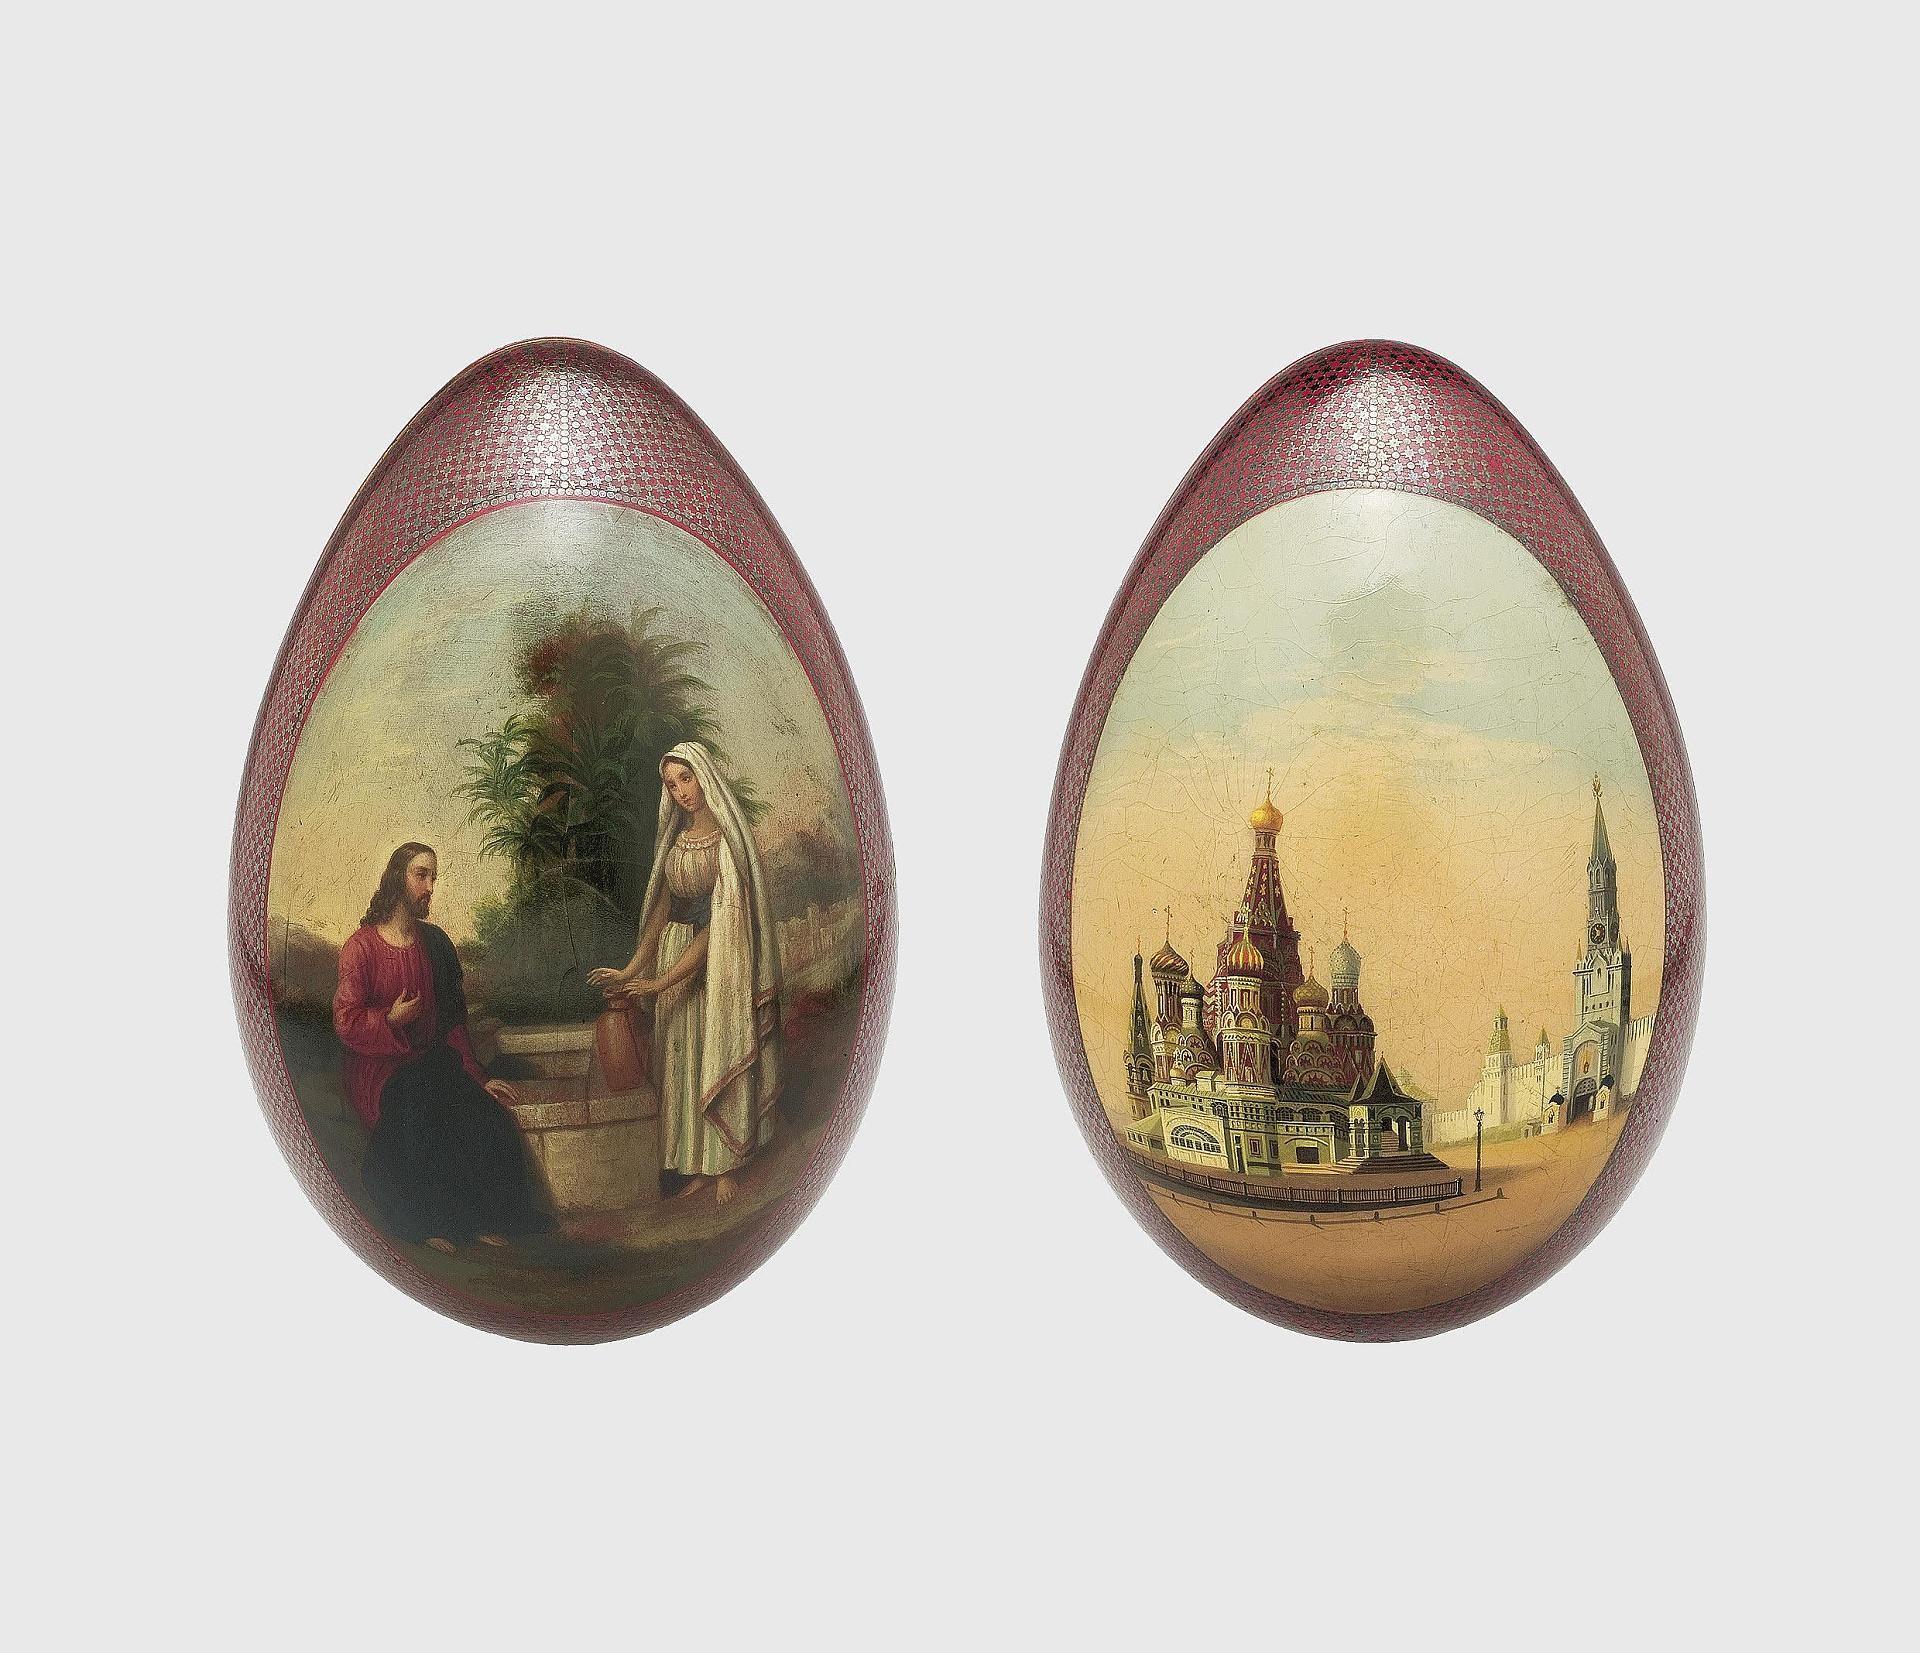 Яйцо пасхальное 'Христос и Самаритянка'. Оборот: собор ...